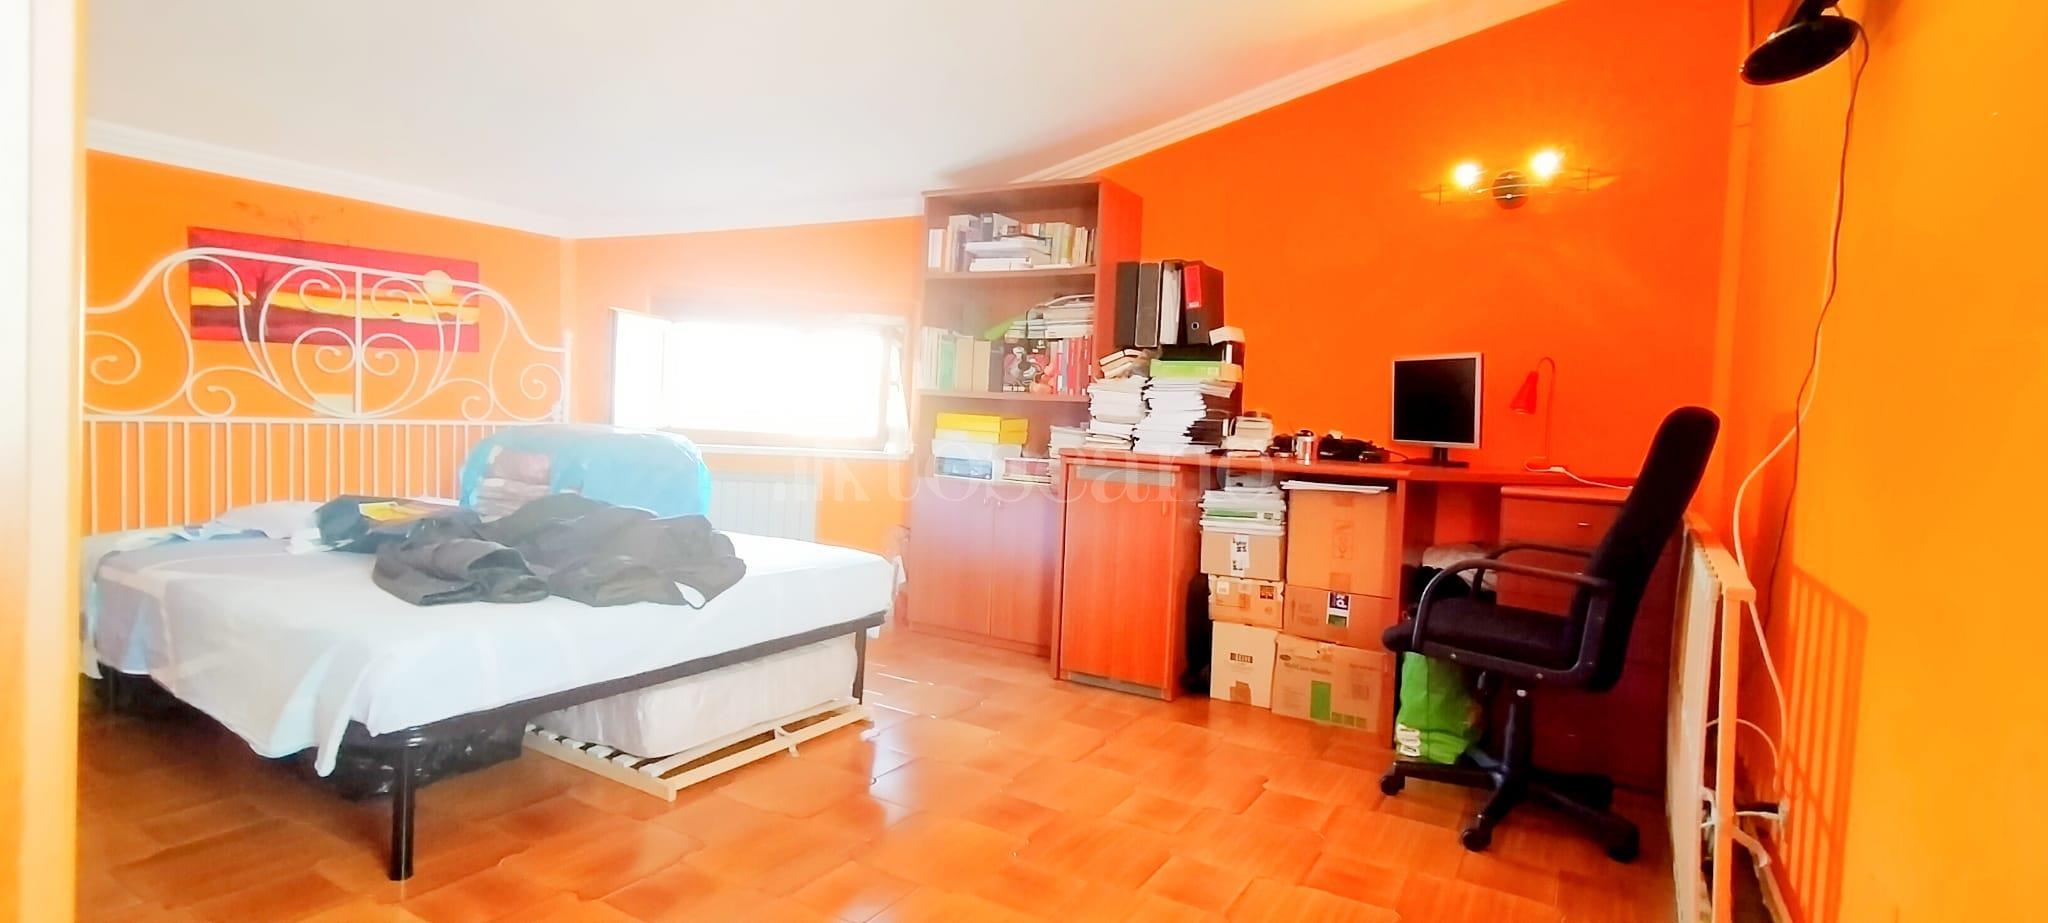 Villa in vendita di 350 mq a €799.000 (rif. 58/2020) immagine 15 di 15